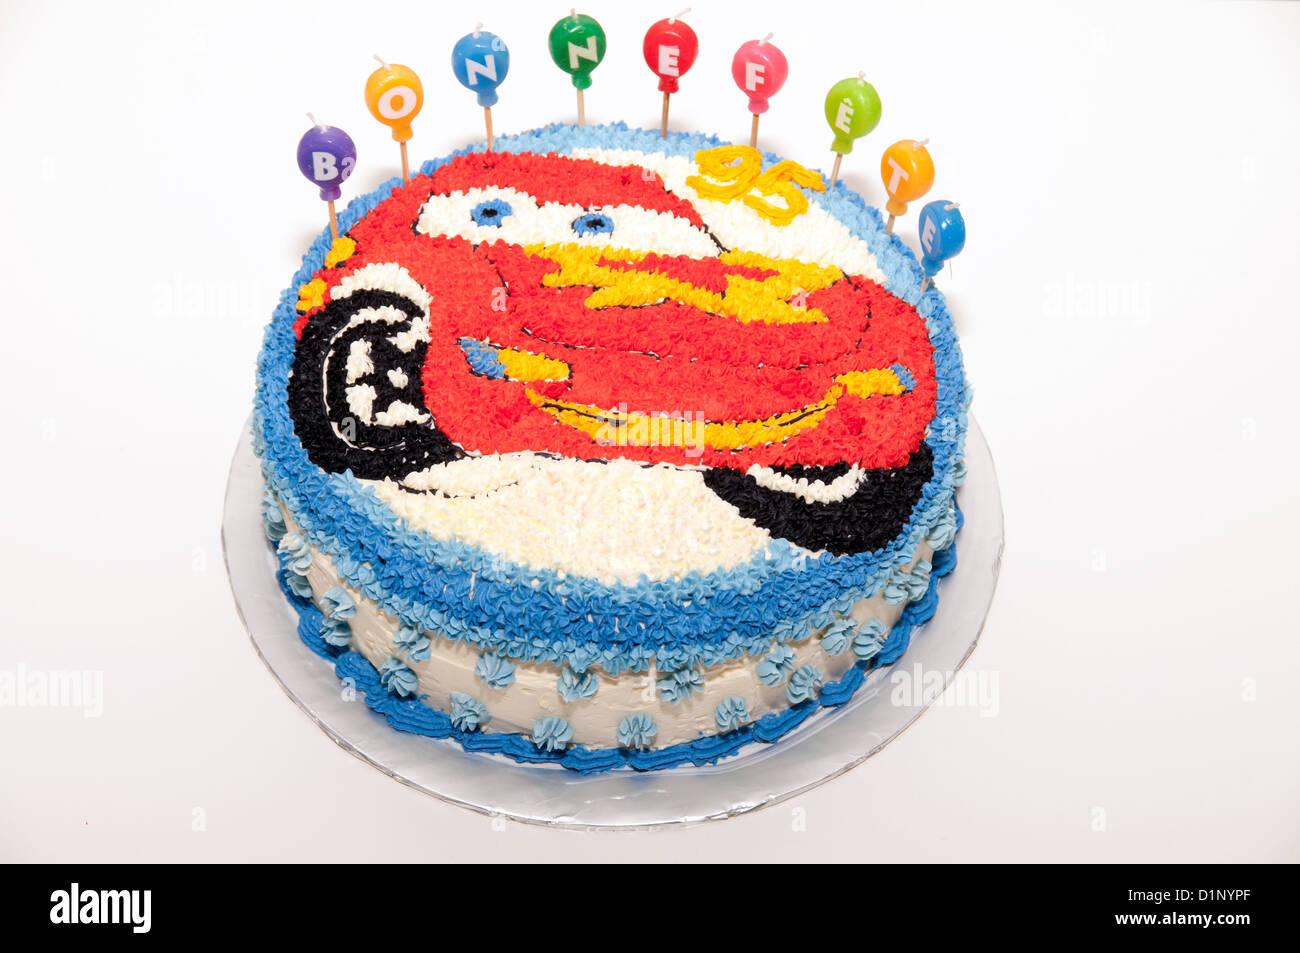 Un Joyeux Anniversaire Avec Gateau Flash Mcqueen De Cars Decoration